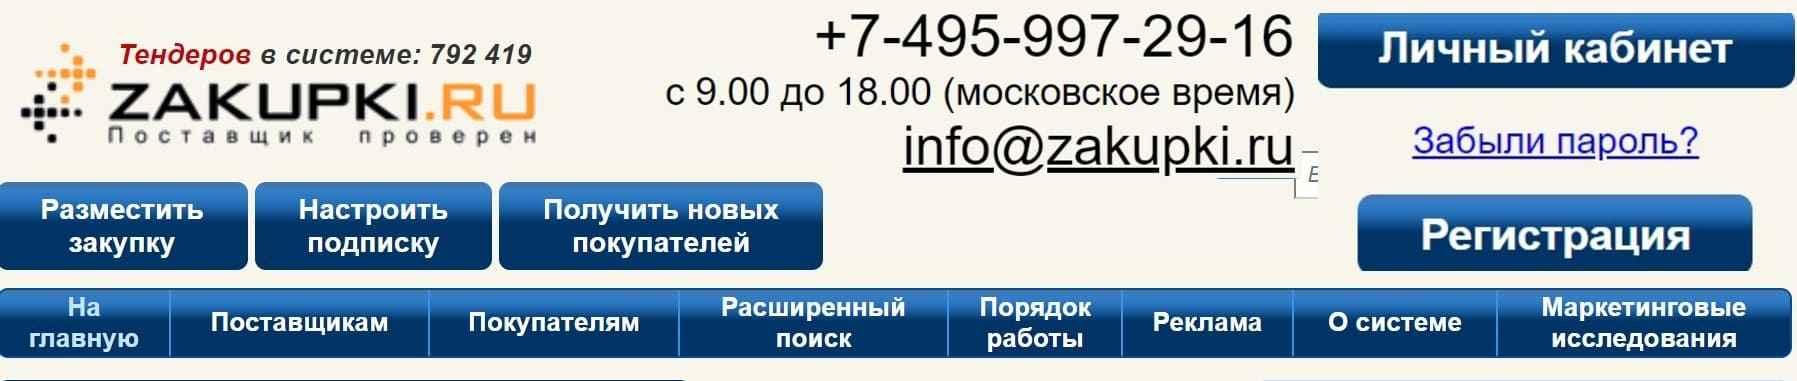 Zakupki Ru личный кабинет